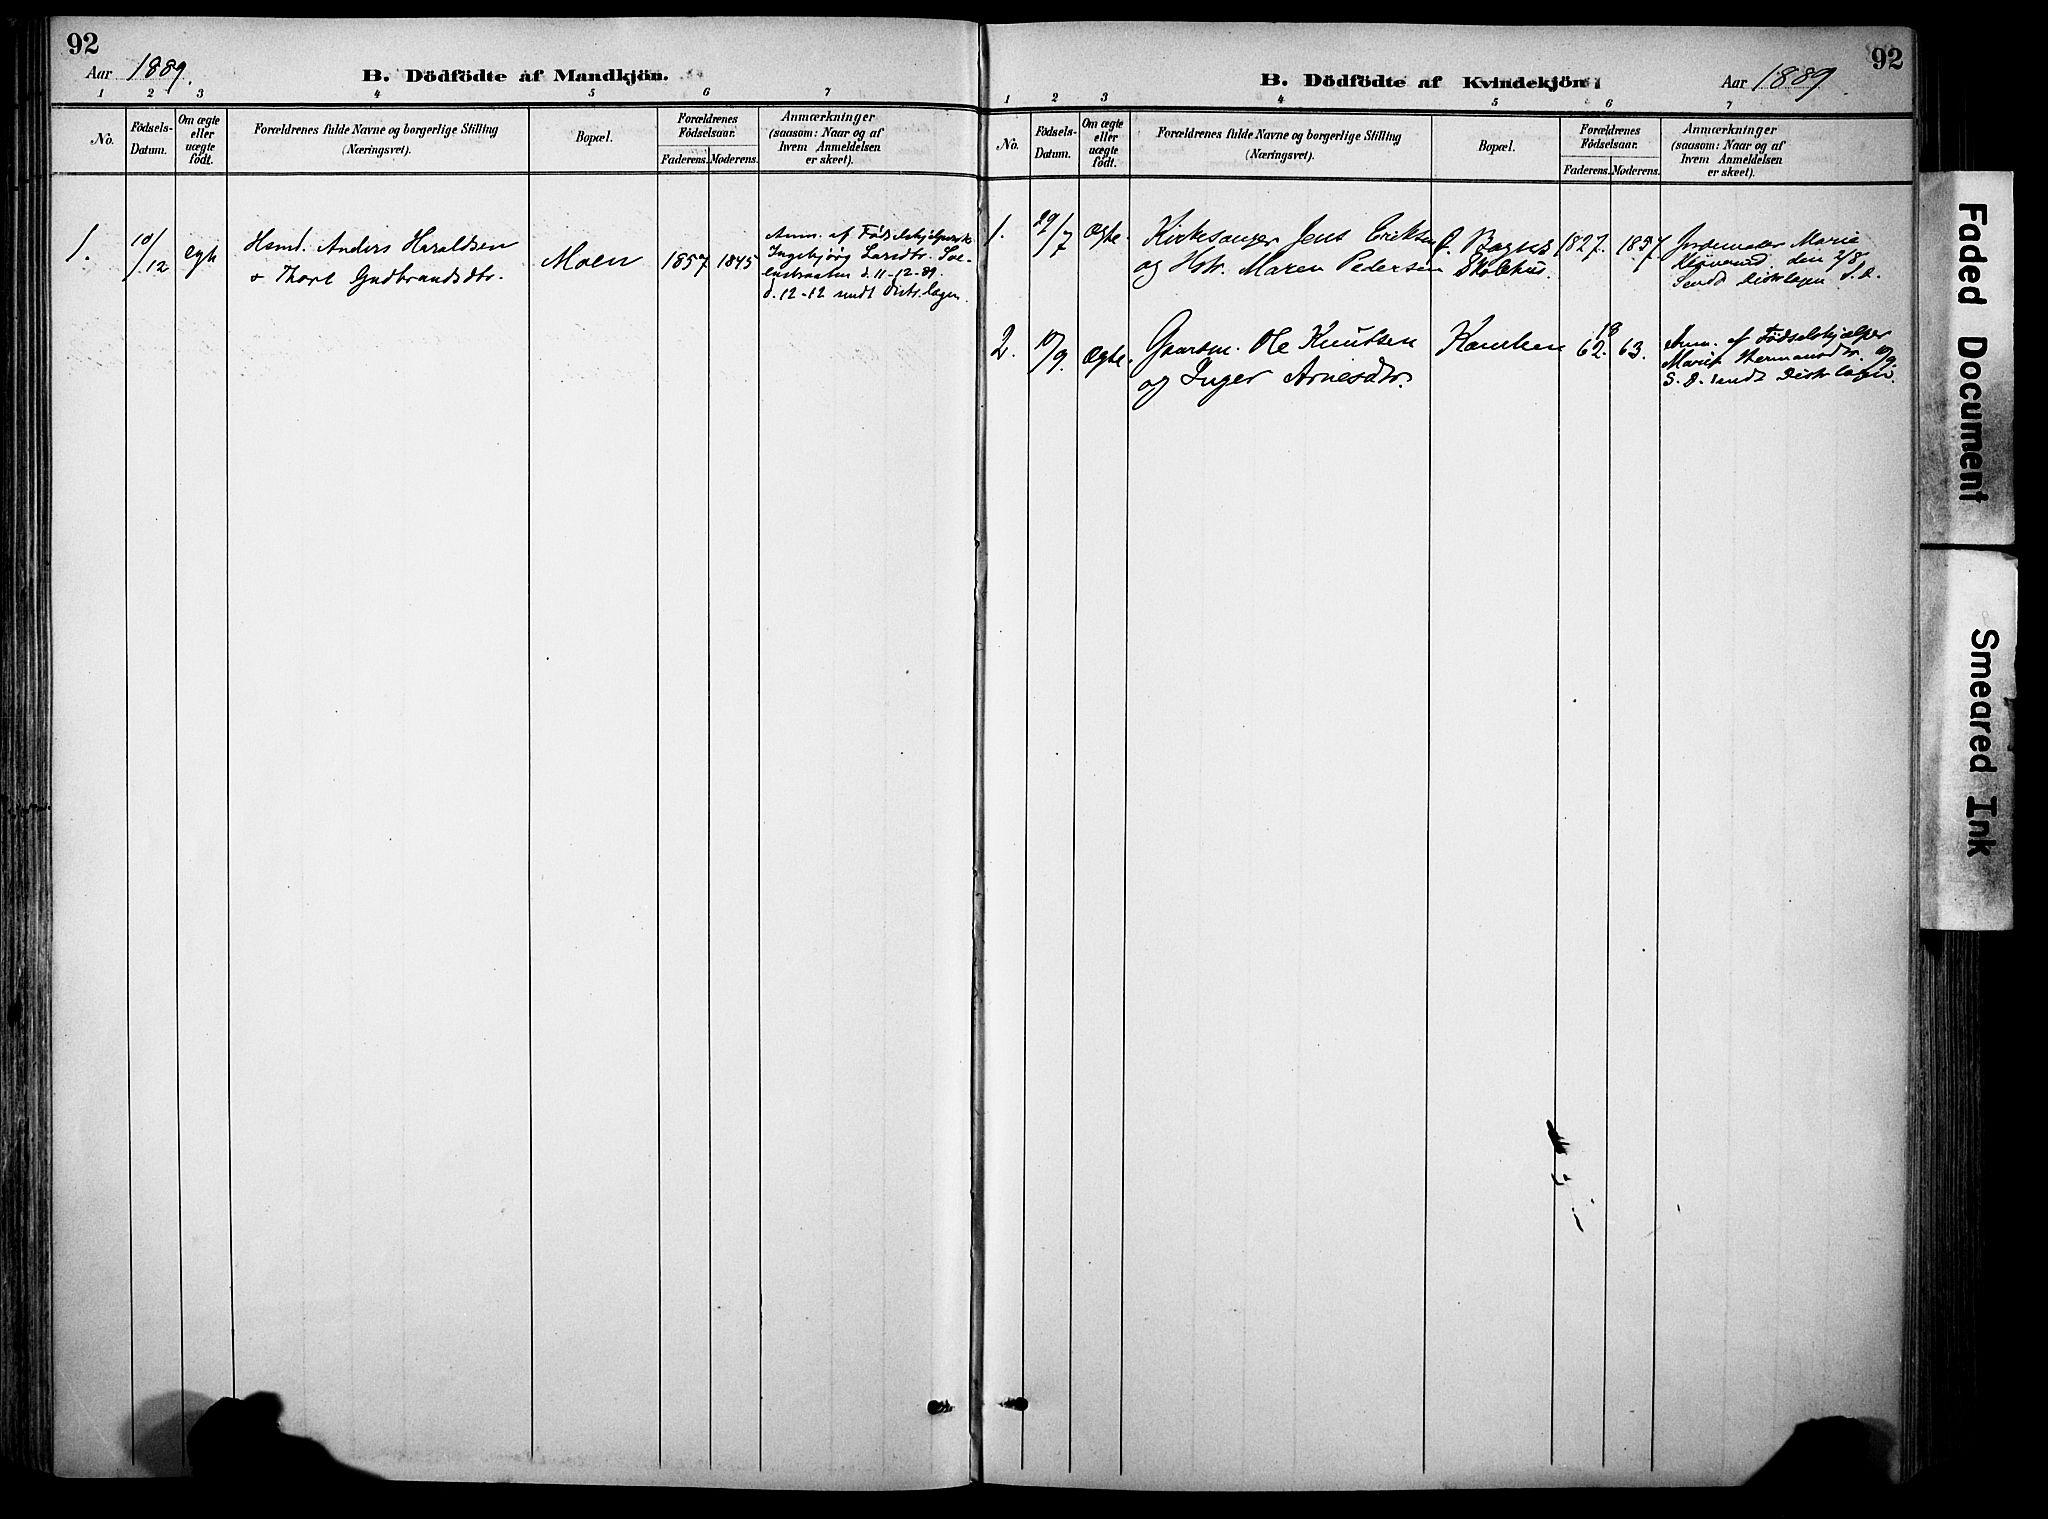 SAH, Sør-Aurdal prestekontor, Ministerialbok nr. 9, 1886-1906, s. 92